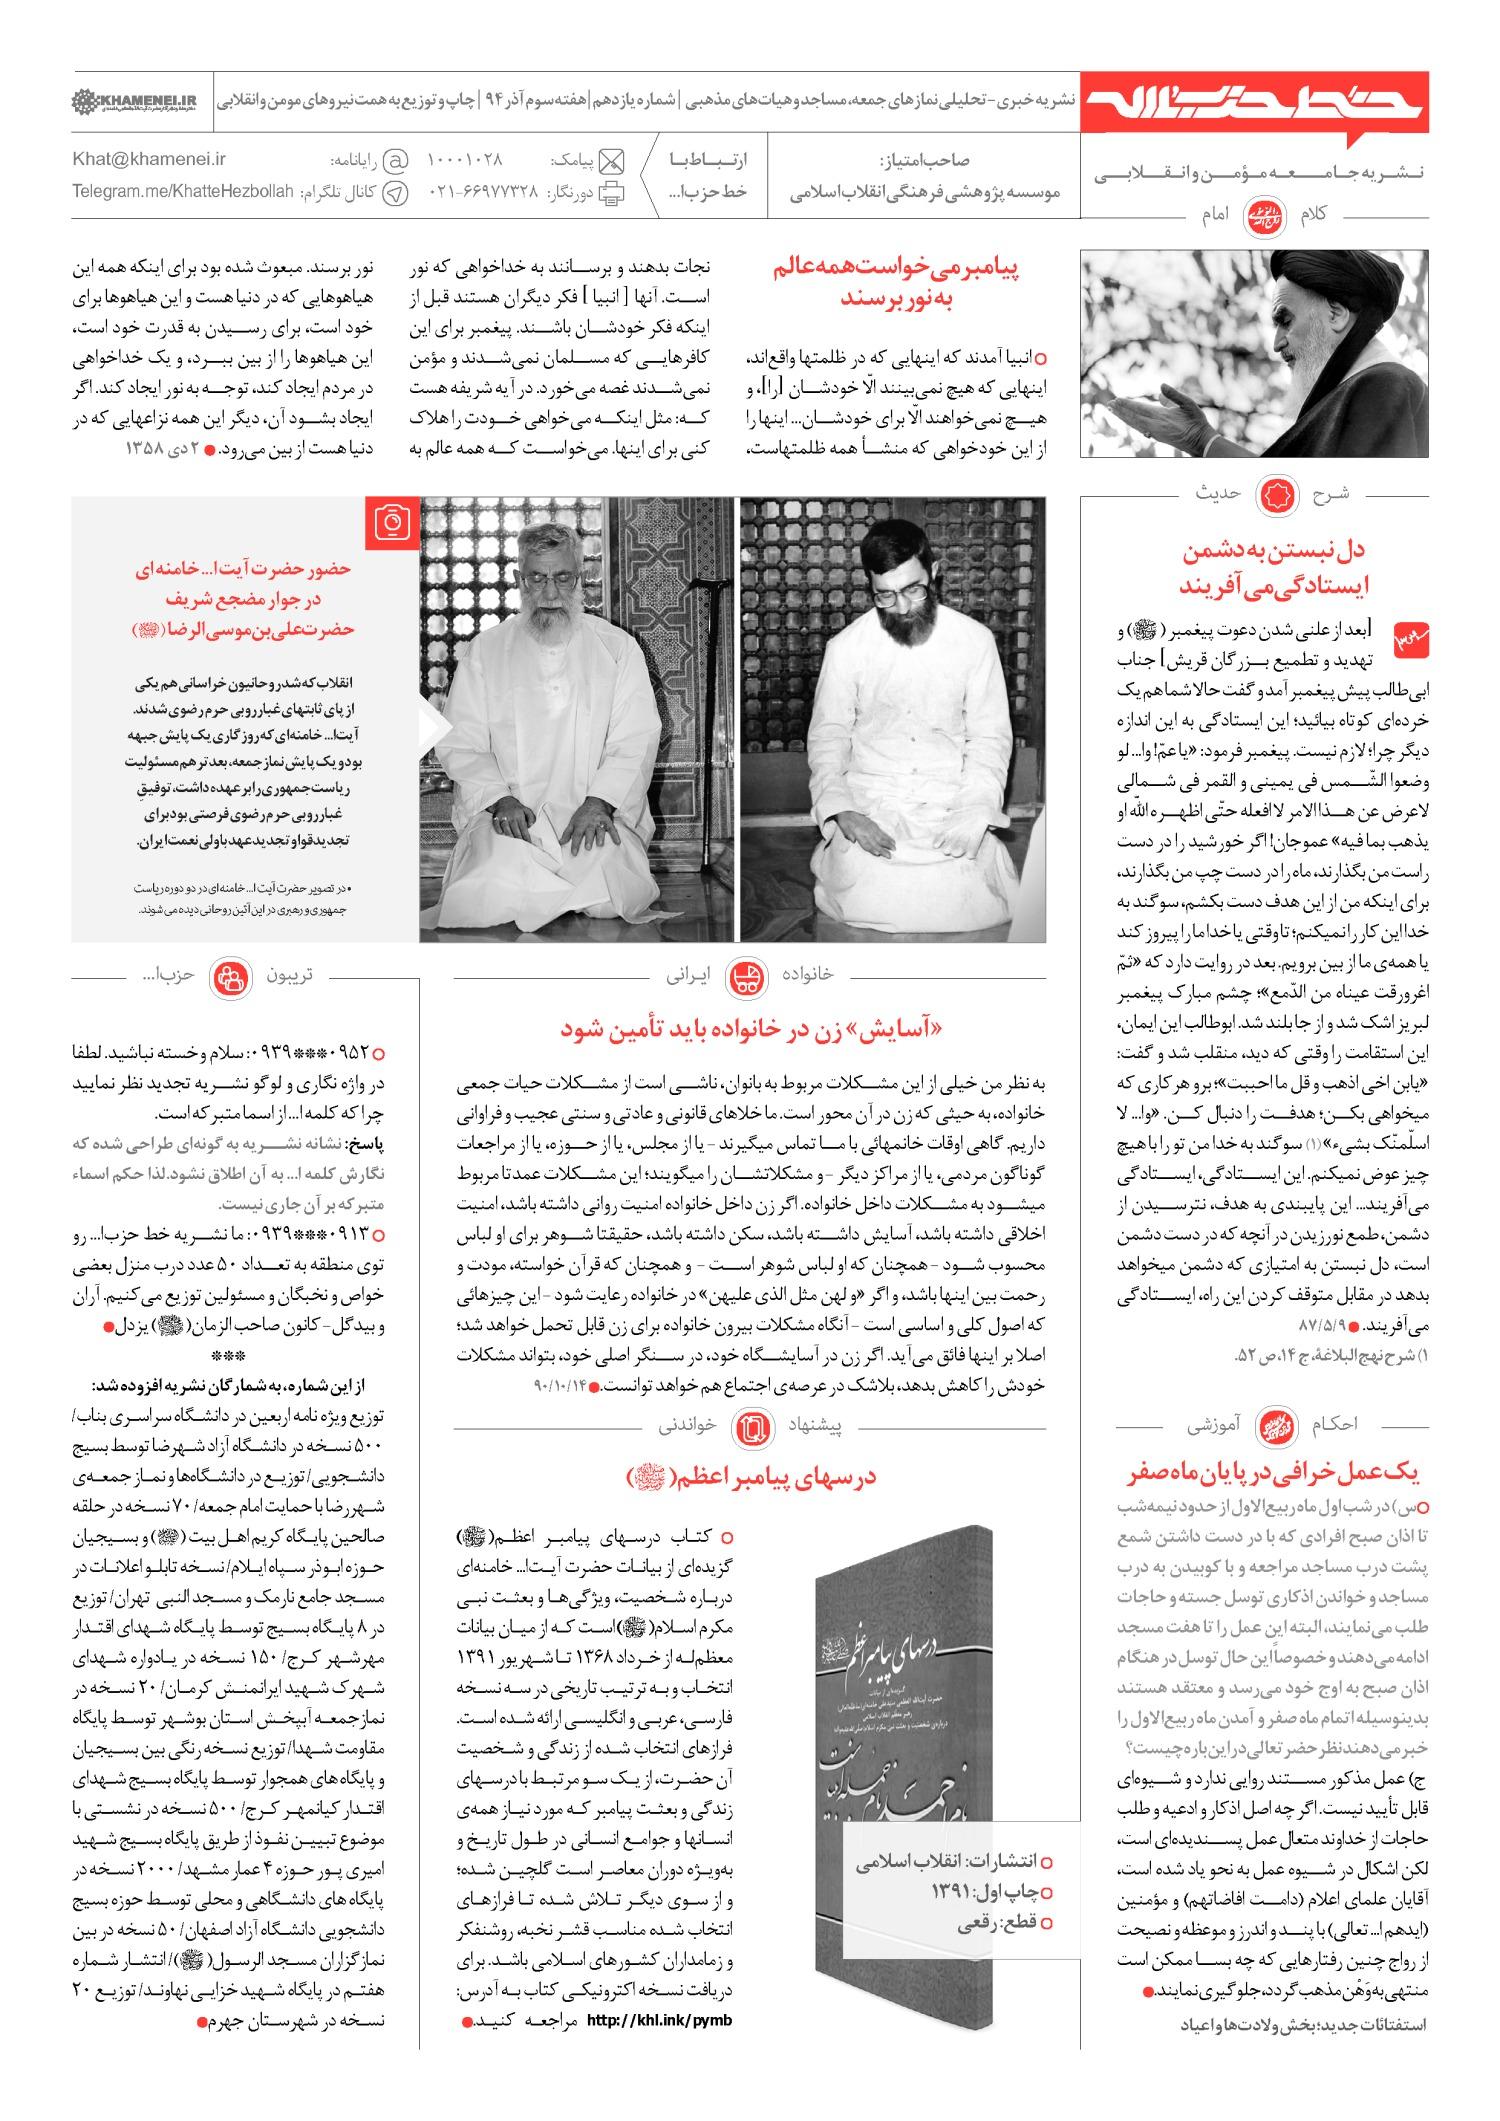 خط حزب الله -شماره پنجم خط حزب الله -شماره یازدهم page large 41 1